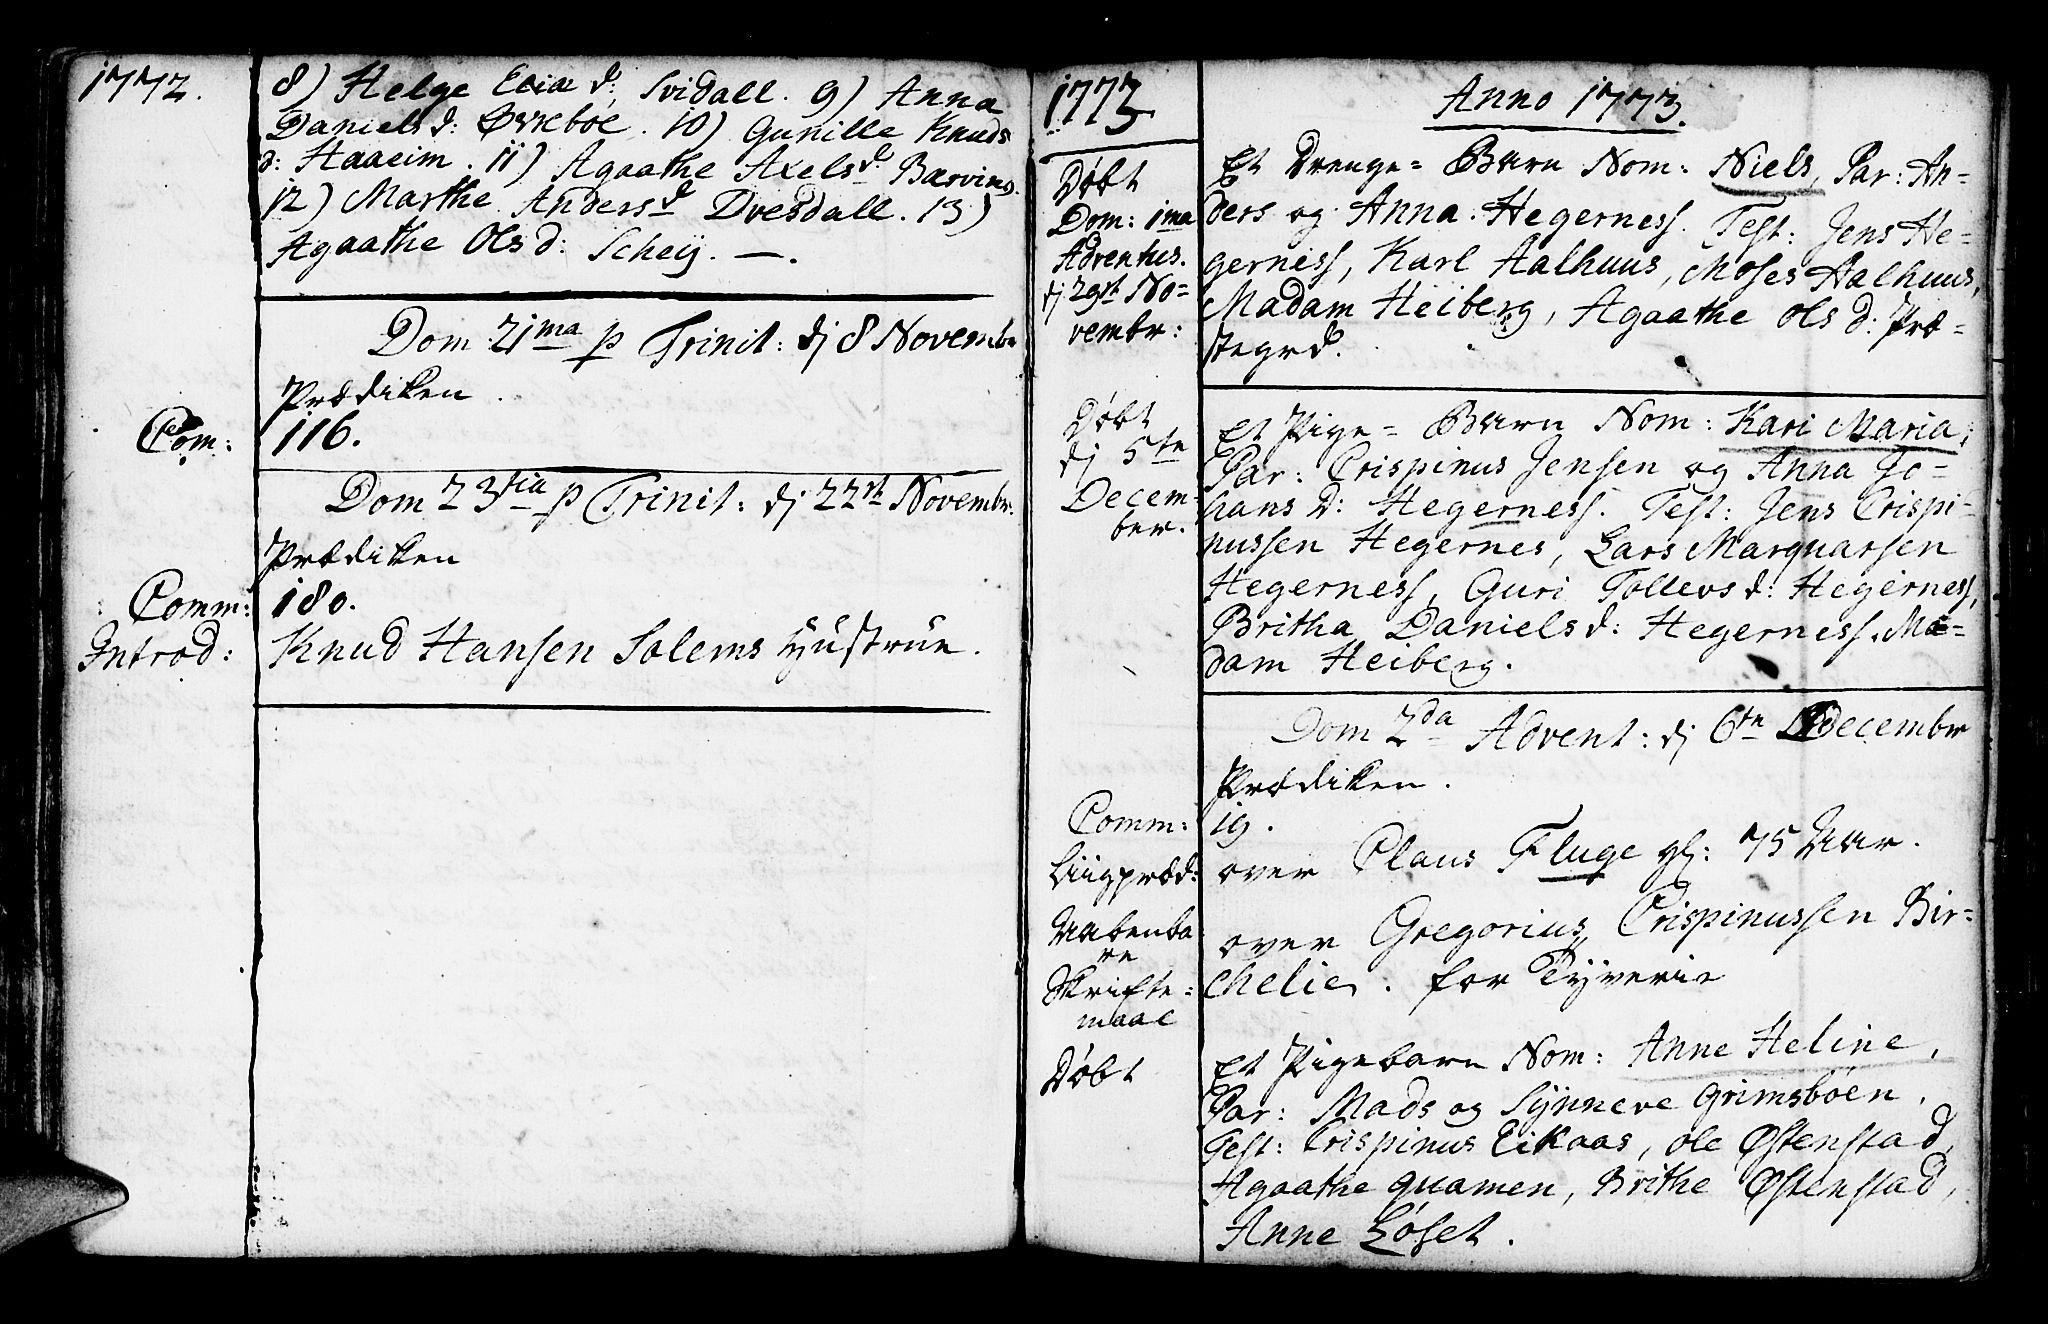 SAB, Jølster Sokneprestembete, Ministerialbok nr. A 3, 1748-1789, s. 136